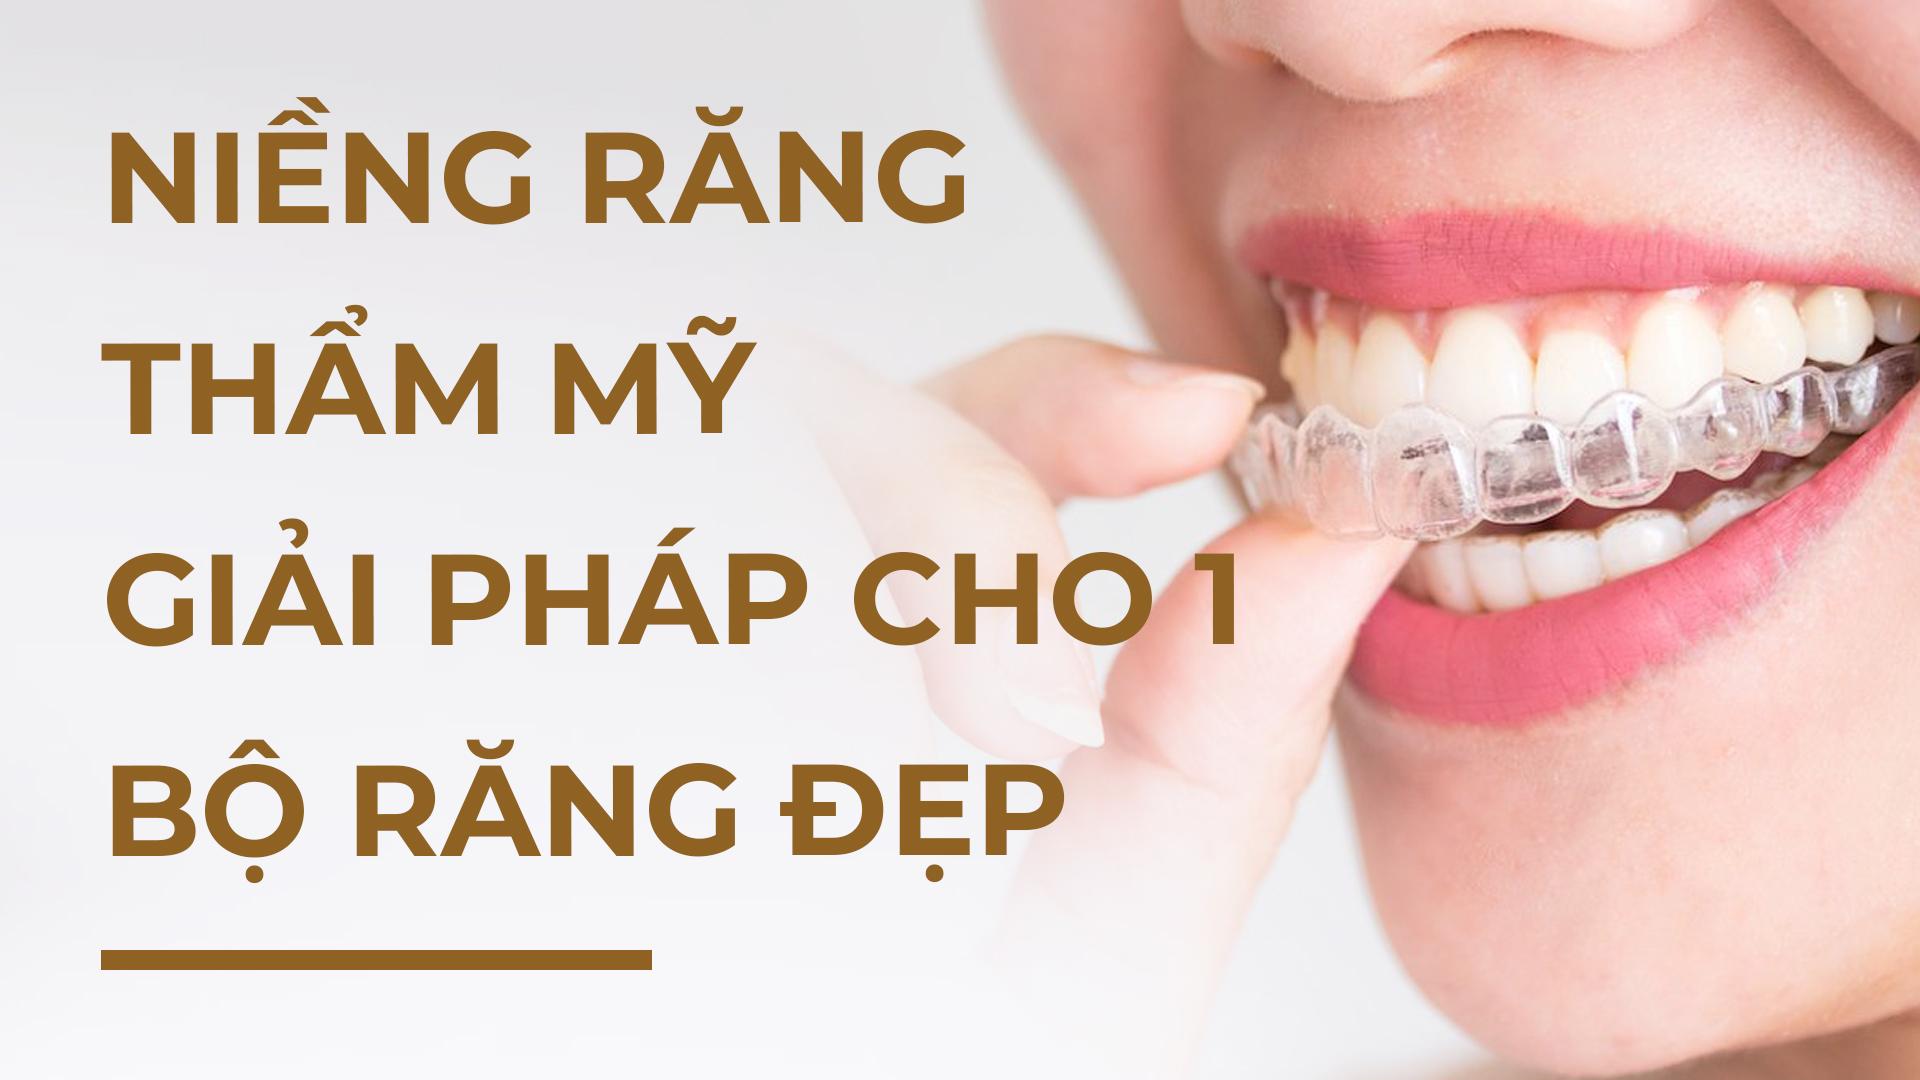 nieng_rang_tham_my